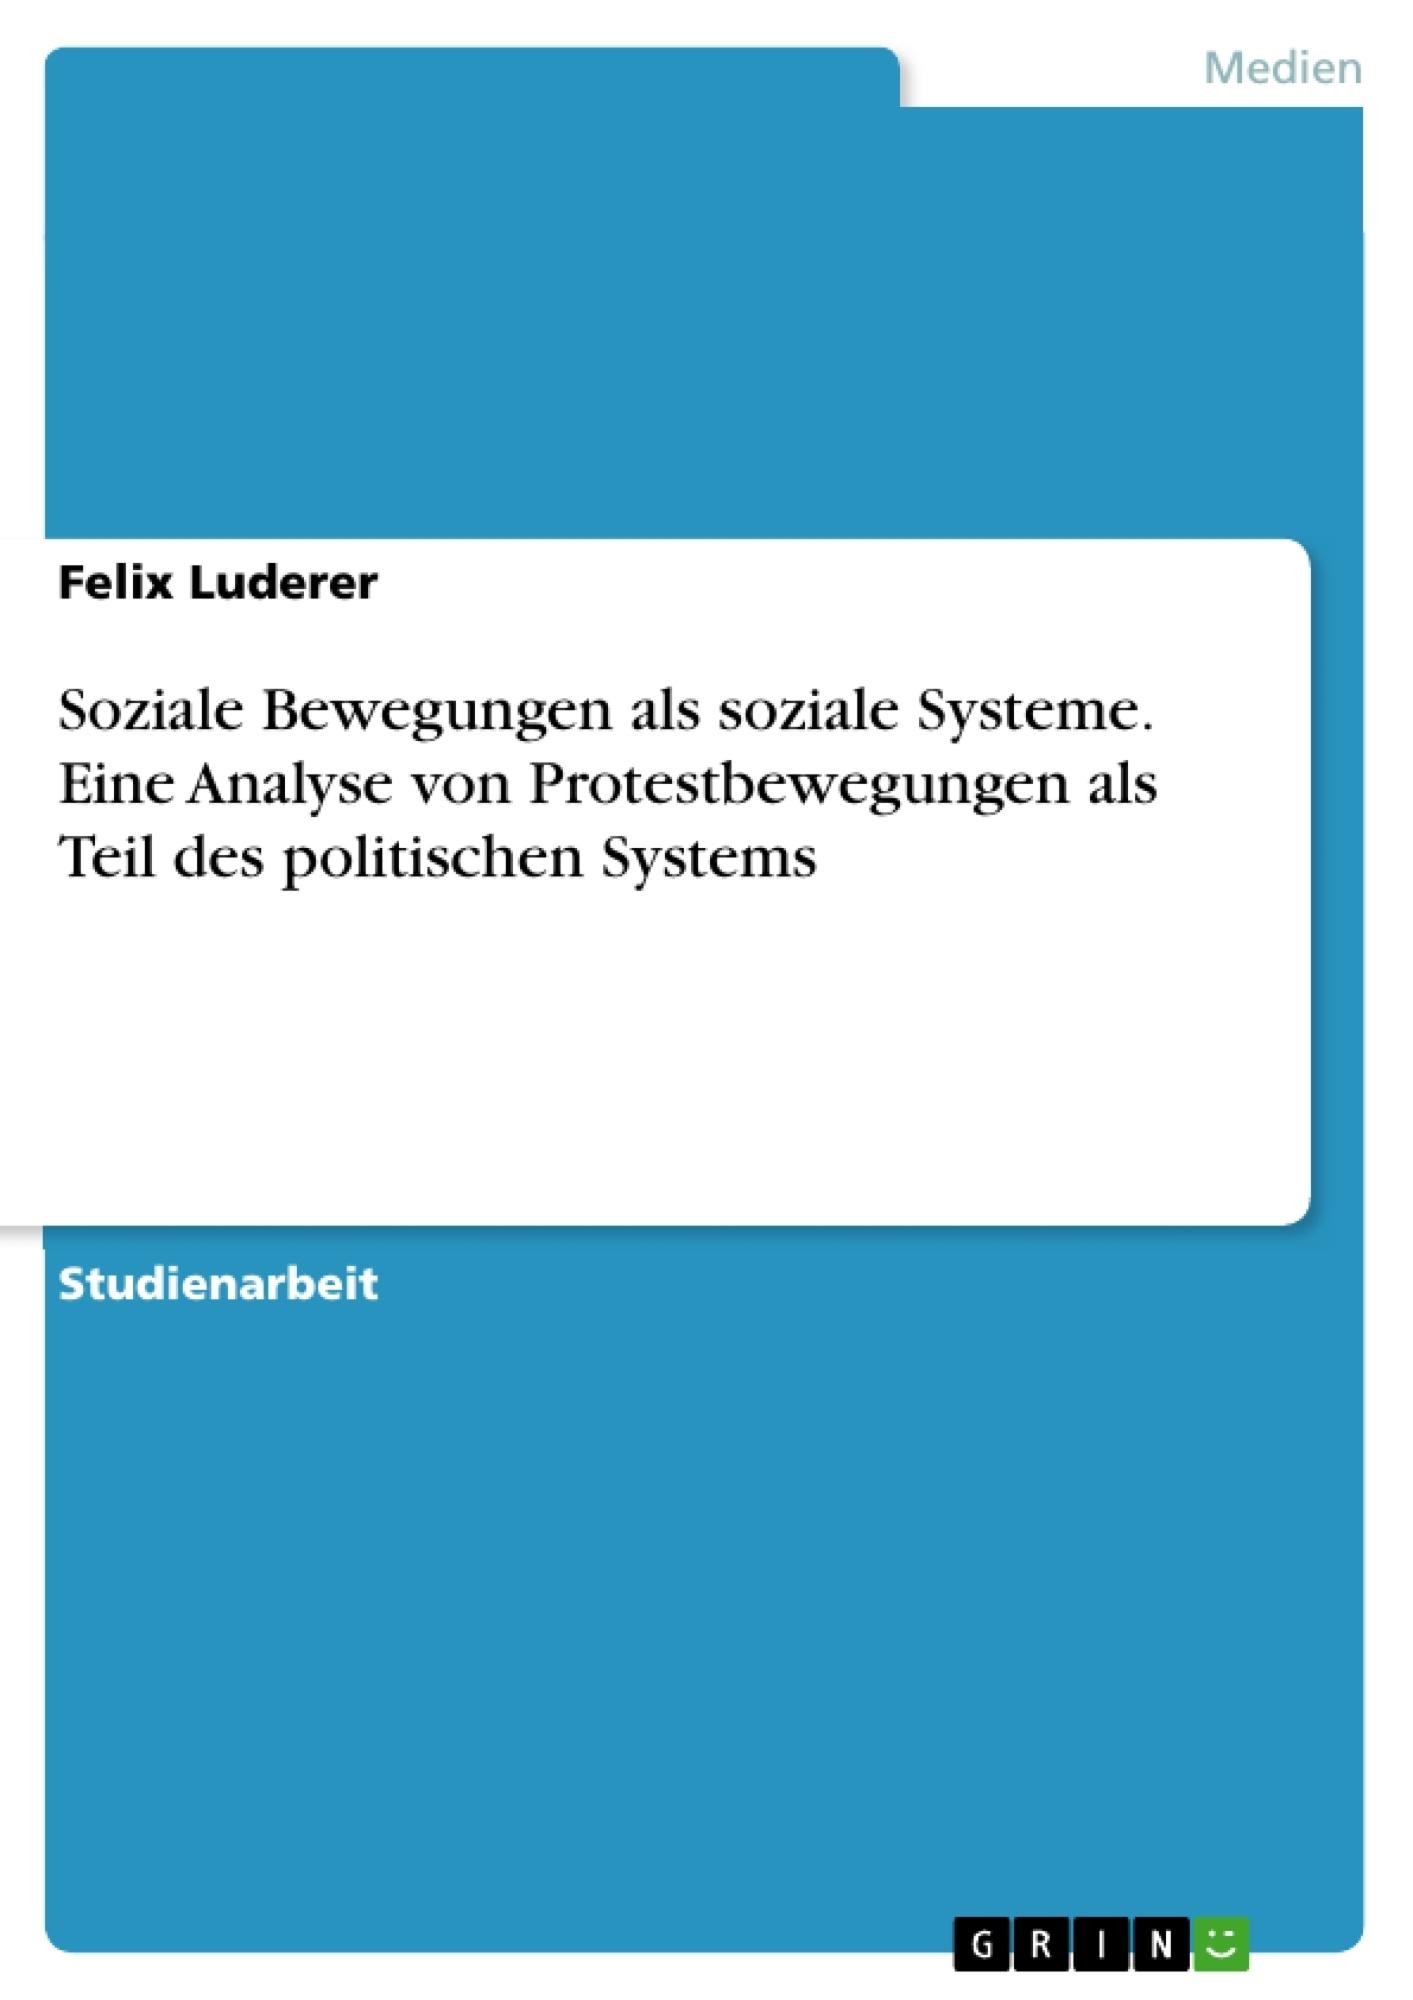 Titel: Soziale Bewegungen als soziale Systeme. Eine Analyse von Protestbewegungen als Teil des politischen Systems